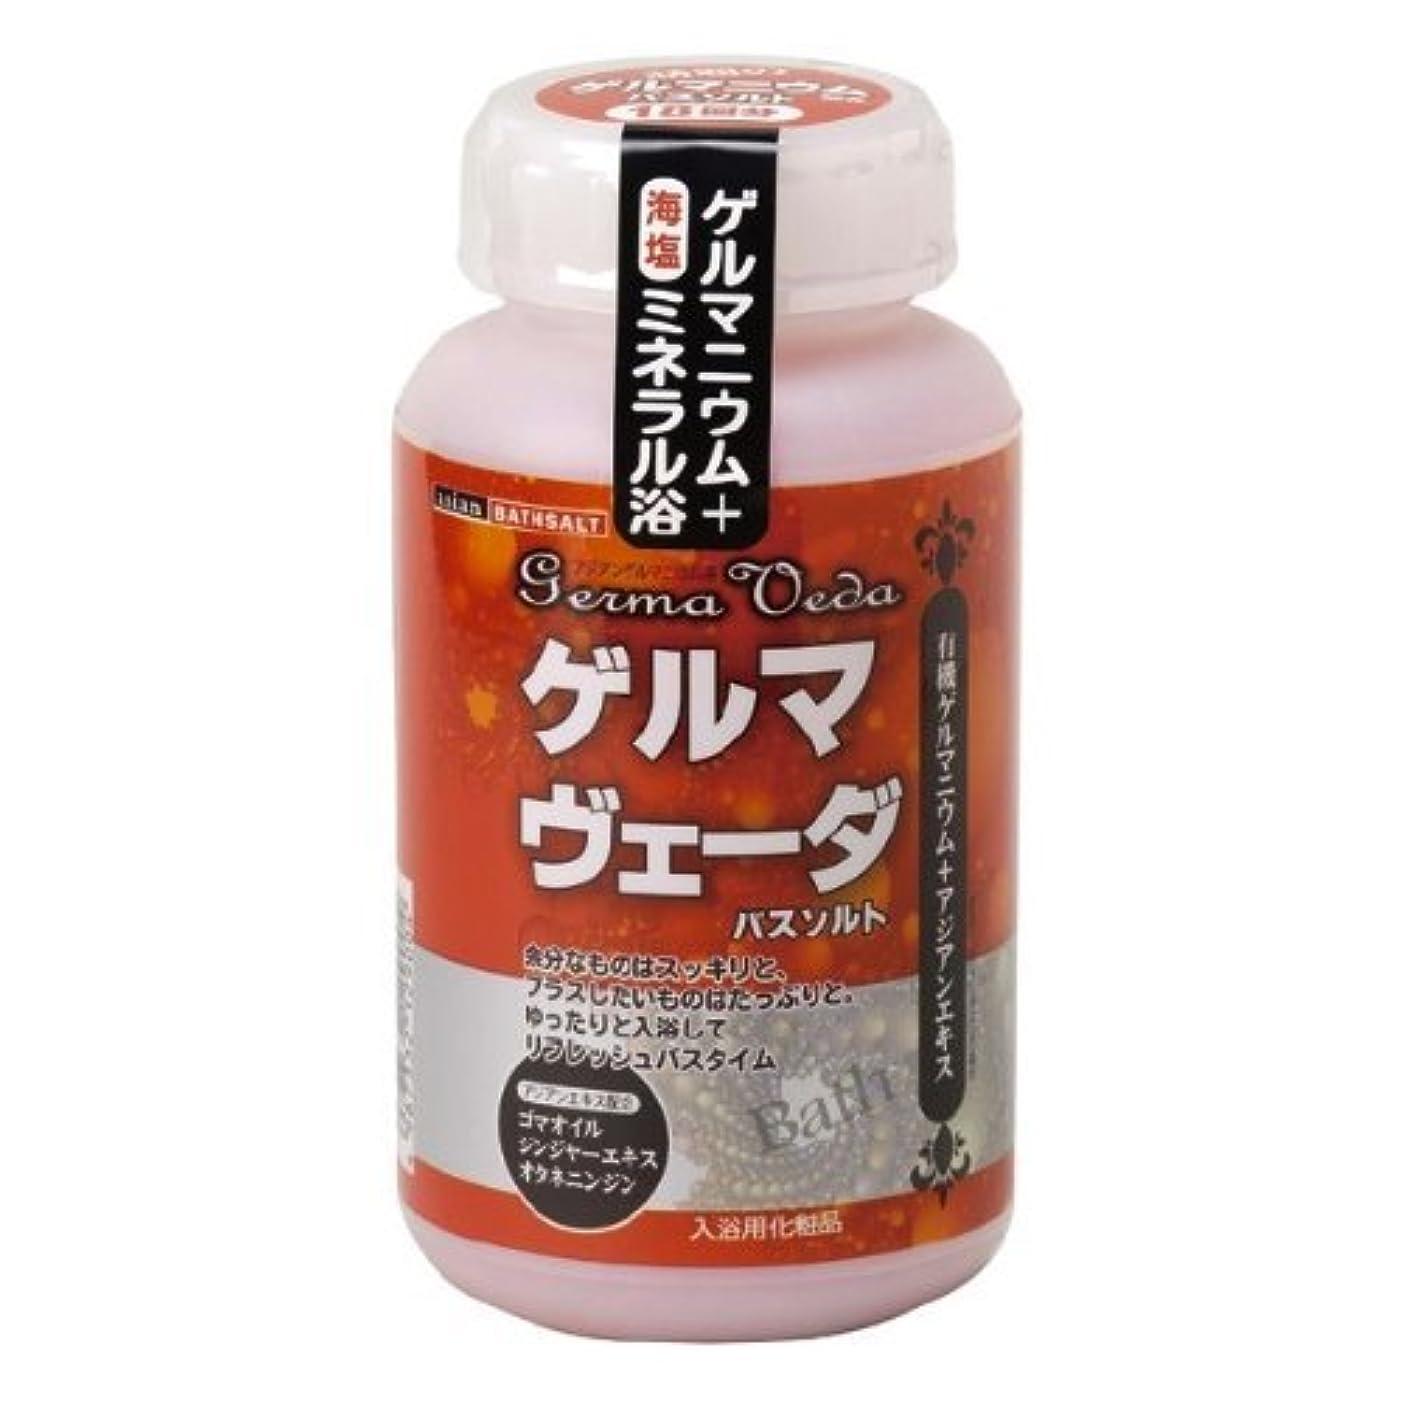 顧問過敏な死すべきゲルマヴェーダボトルタイプ630g 【ゲルマニウム粉末入浴剤】B22バスソルト